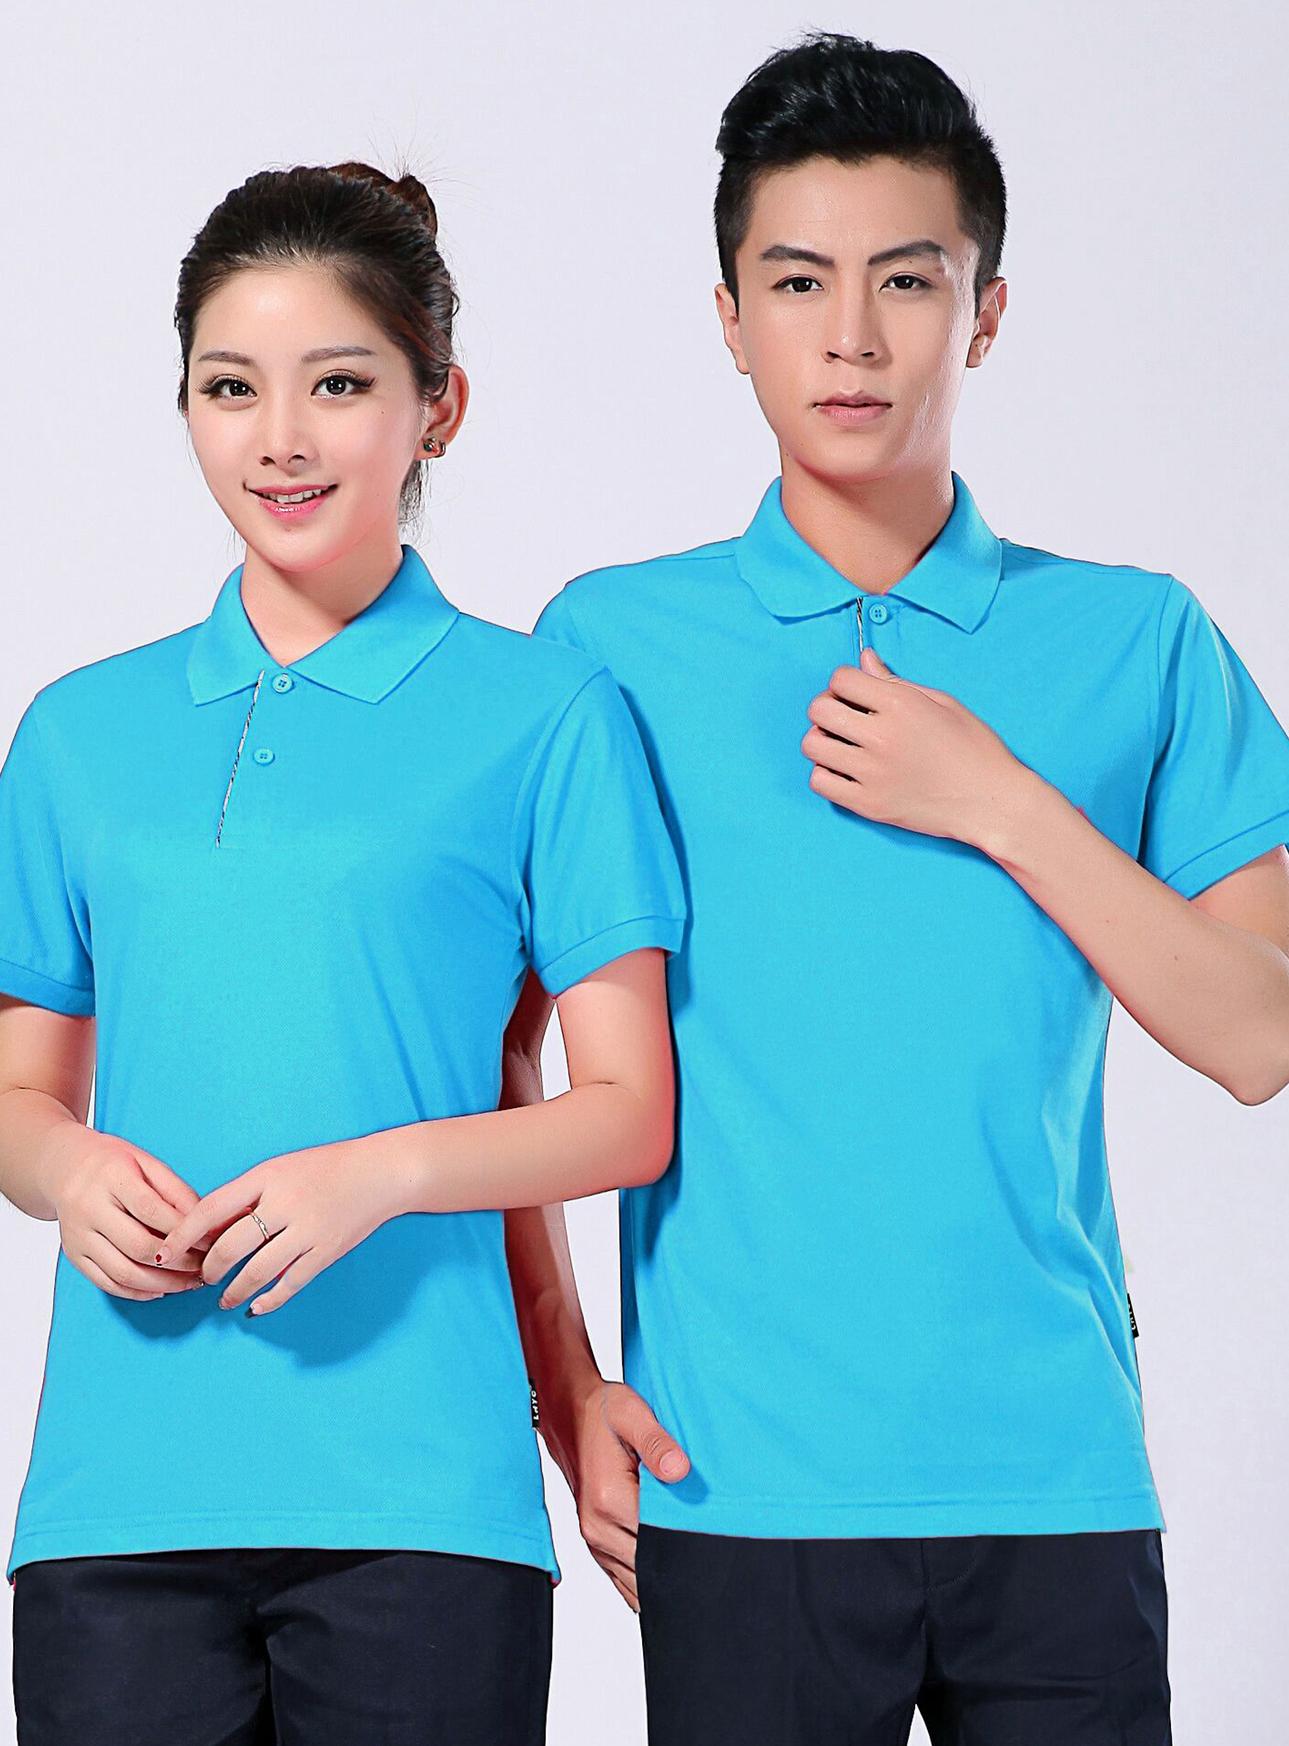 2021新款夏季工作服短袖T恤衫polo衫定做批发-浅蓝-乐好英超-615A